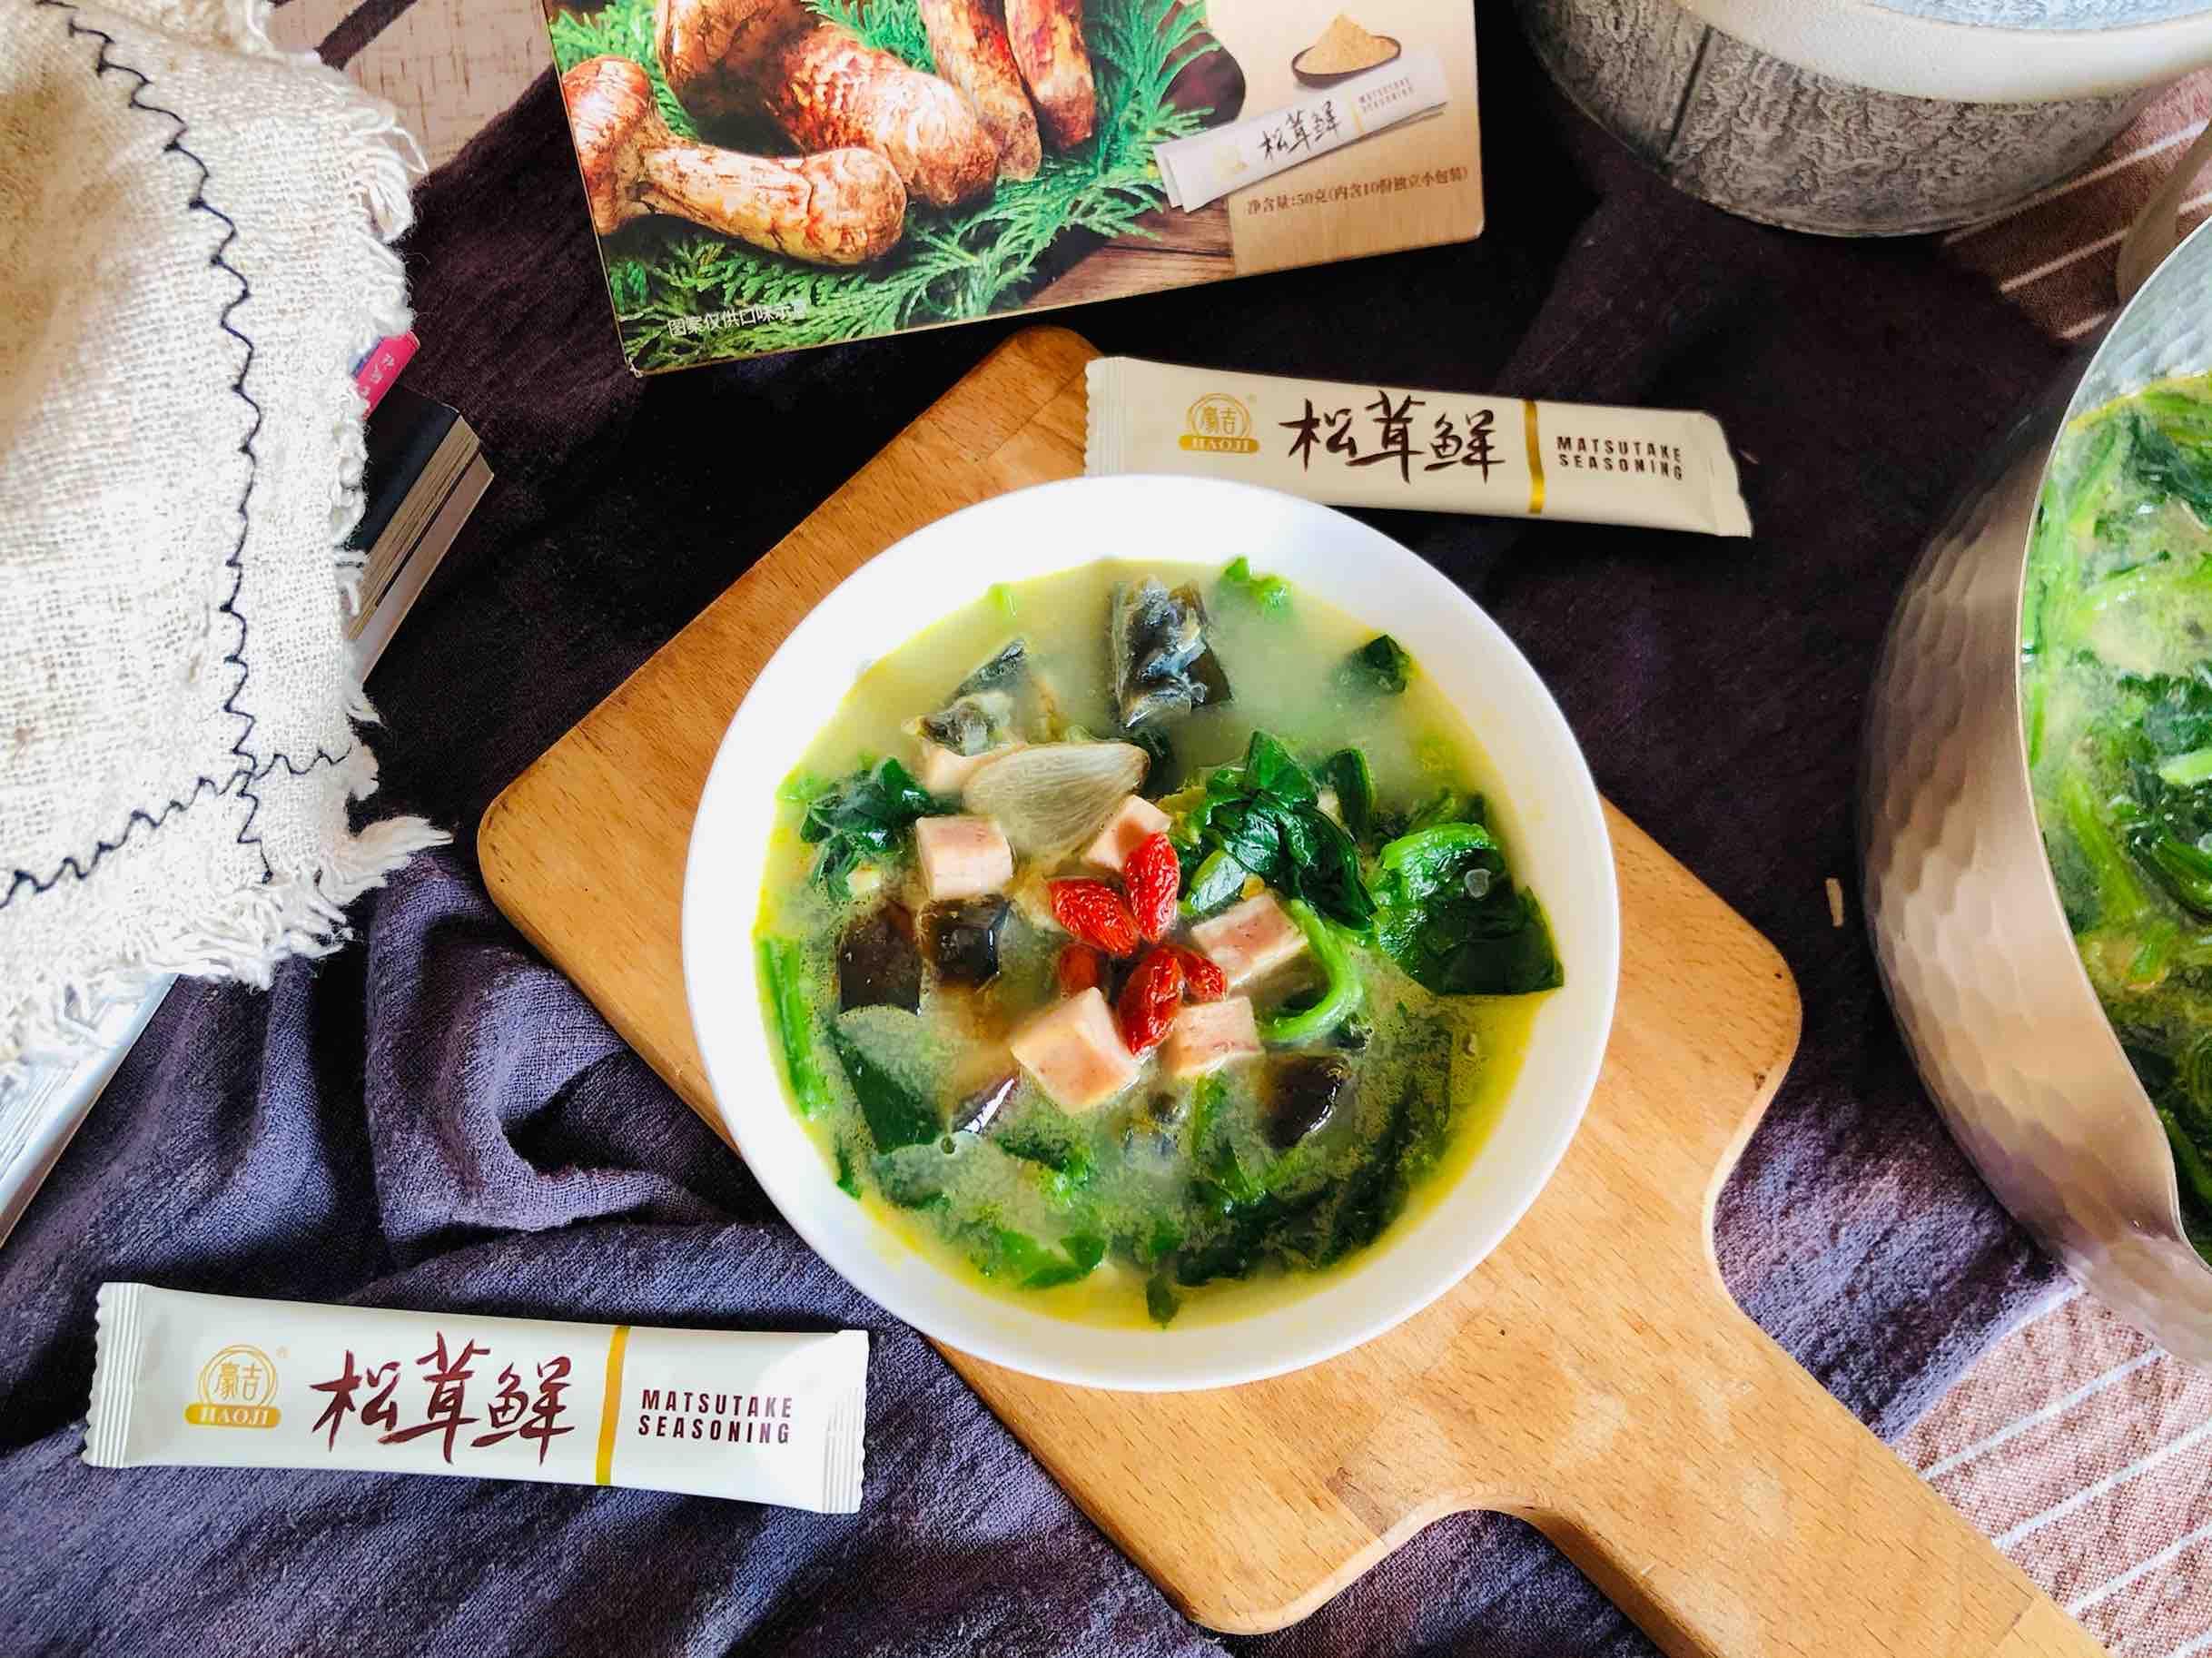 上汤菠菜成品图